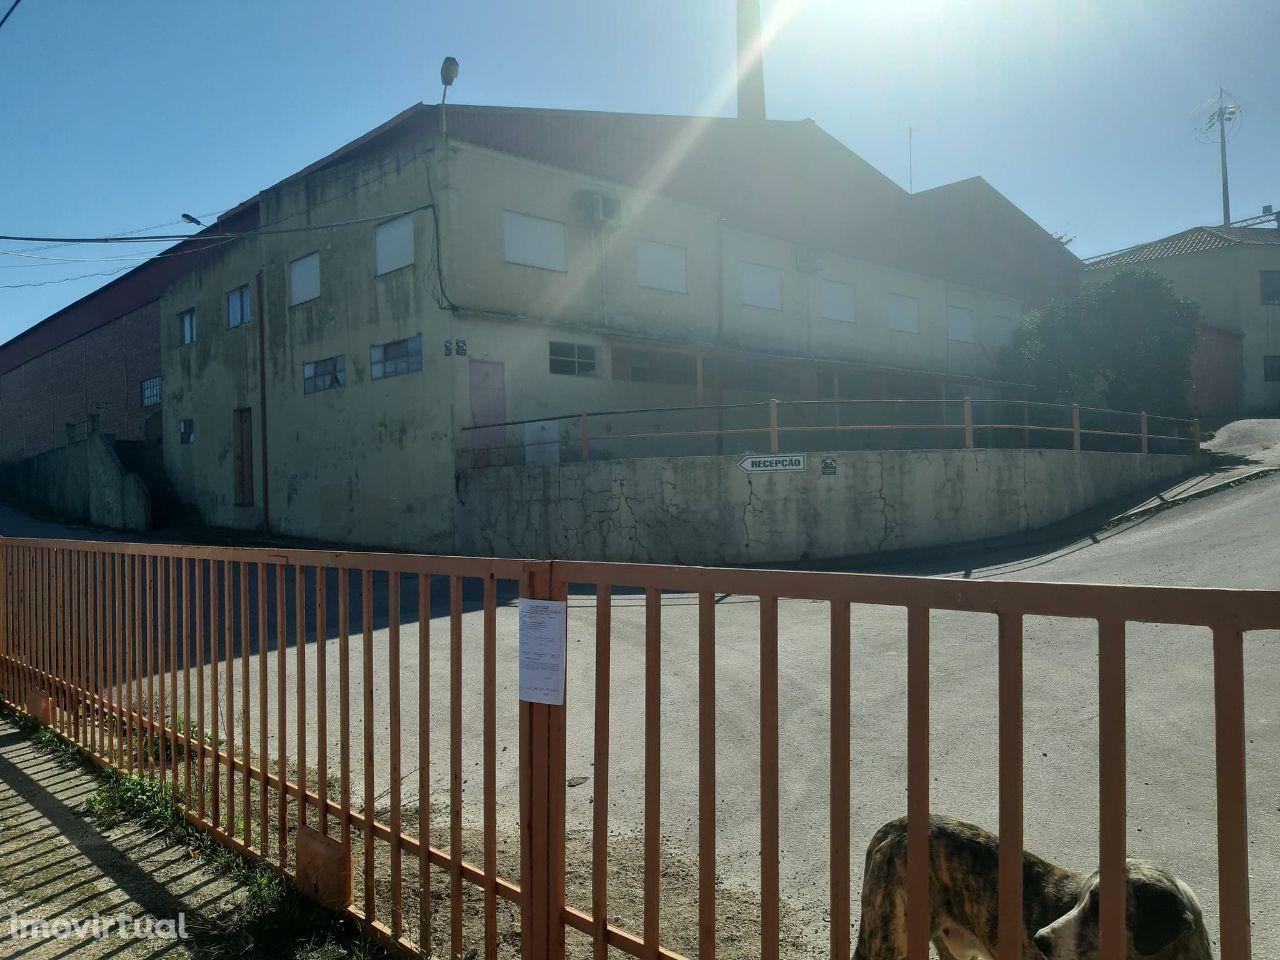 VENDA JUDICIAL - Fabrica em Ulme I Chamusca